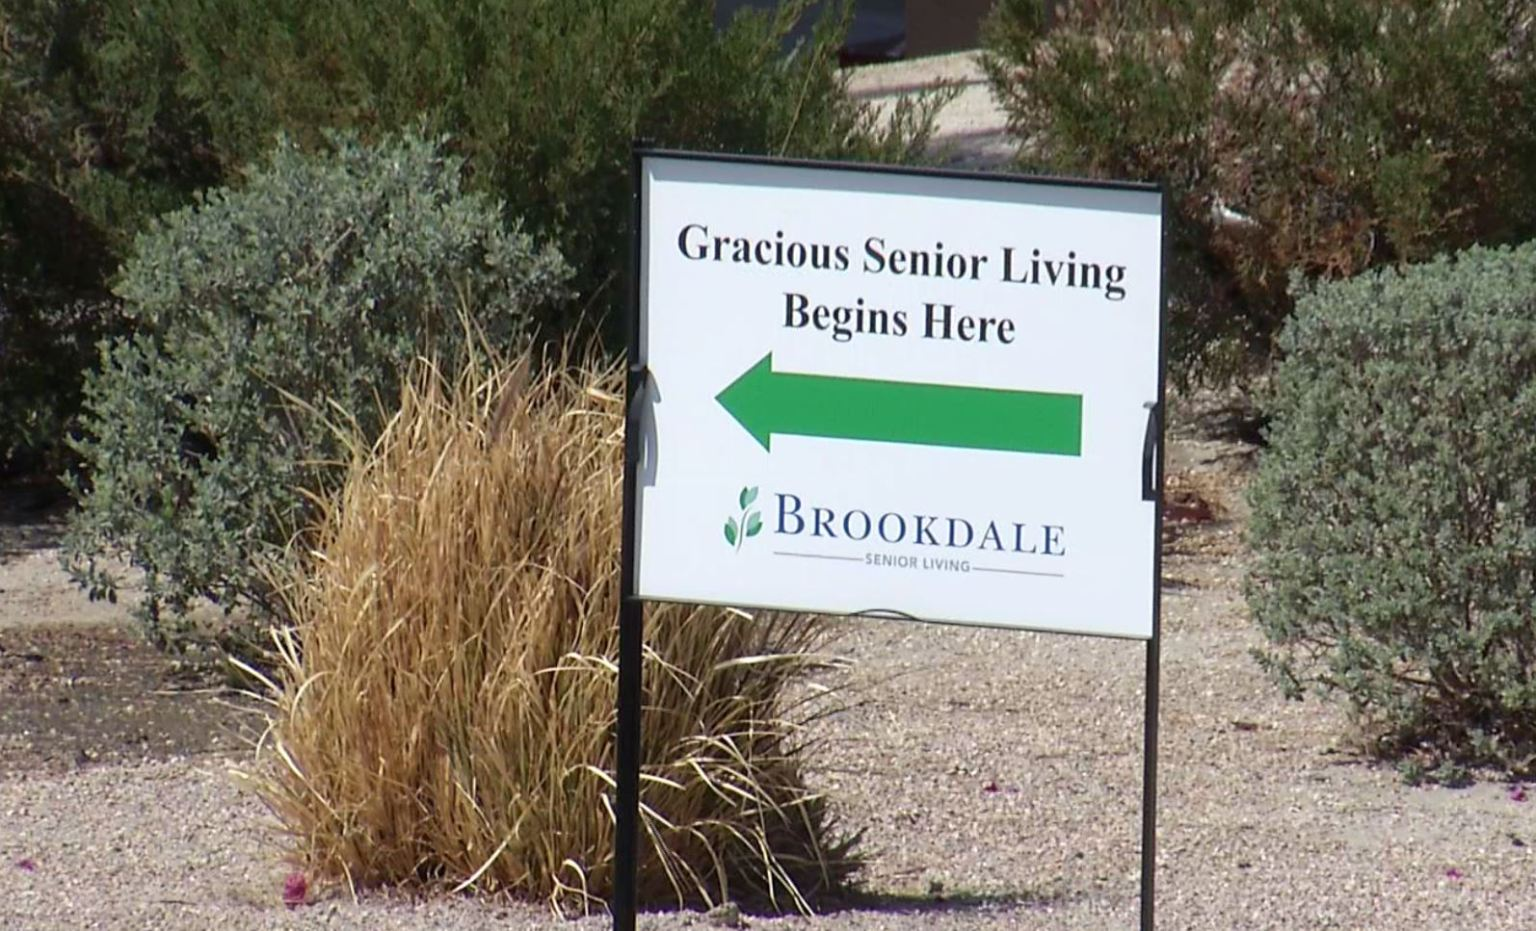 LA City Attorney Joins California Coalition To Sue Senior Living Operator